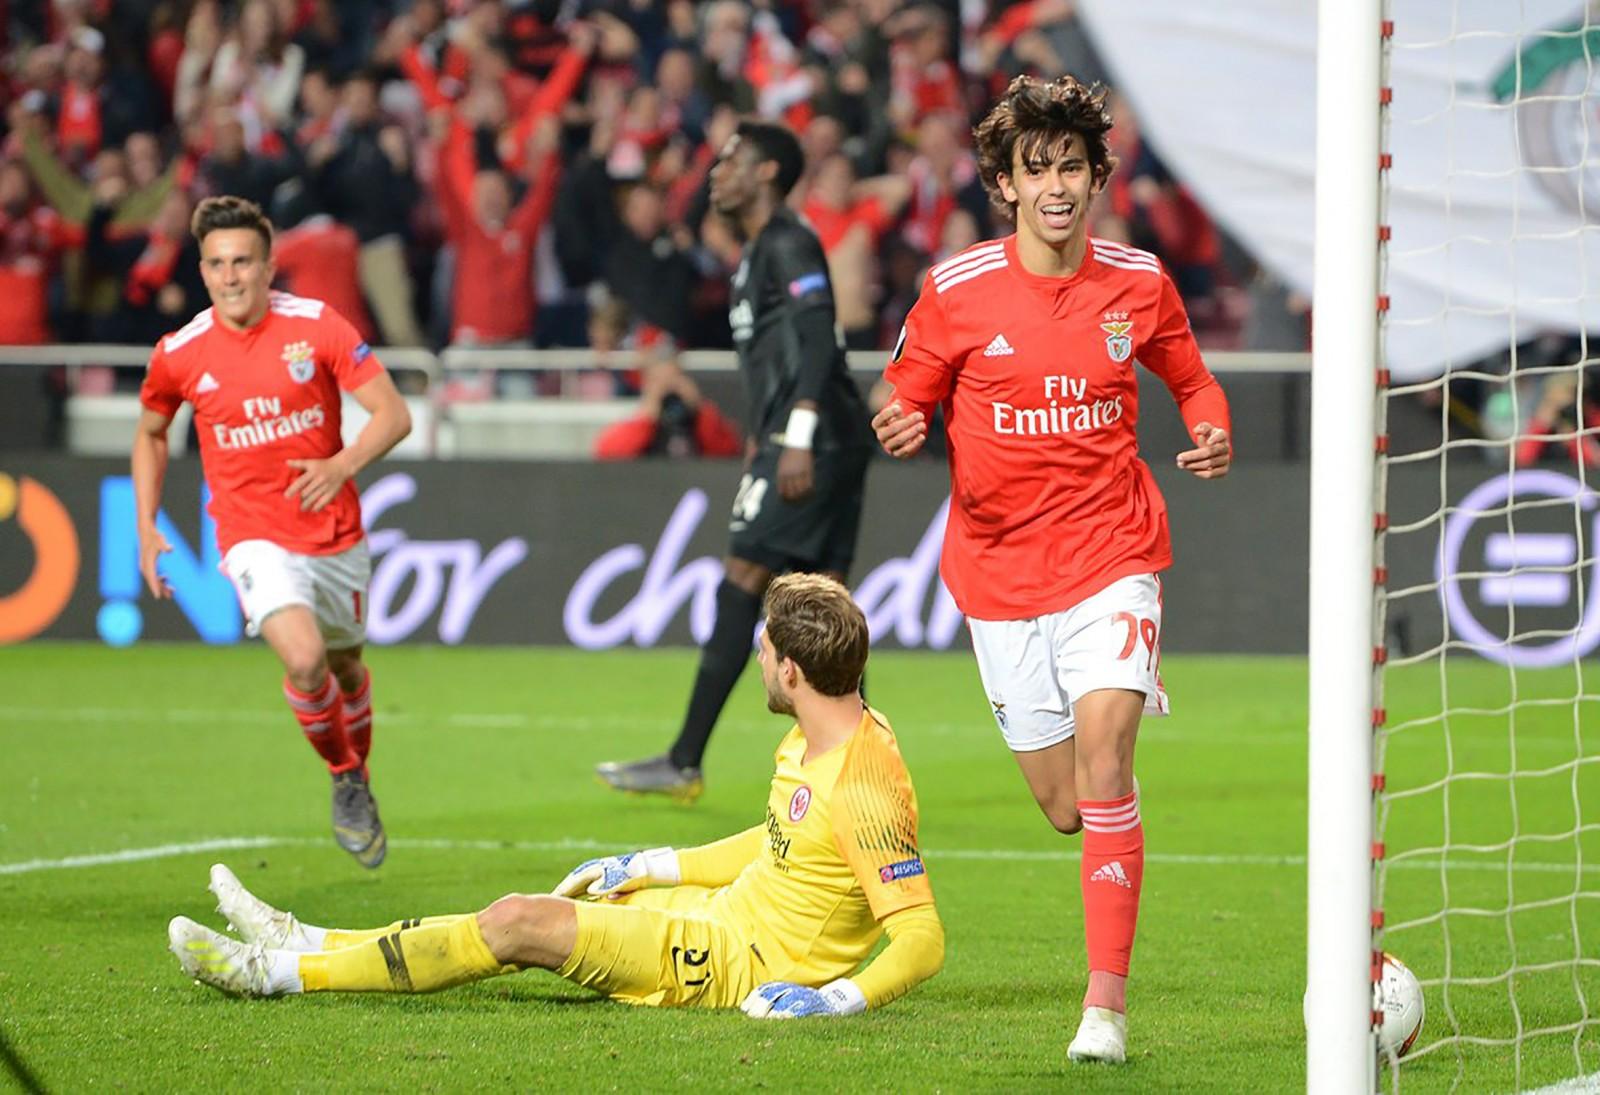 Joao Felix (phải) đang thi đấu thăng hoa trong màu áo Benfica. Ảnh: UEFA Europa League Twitter